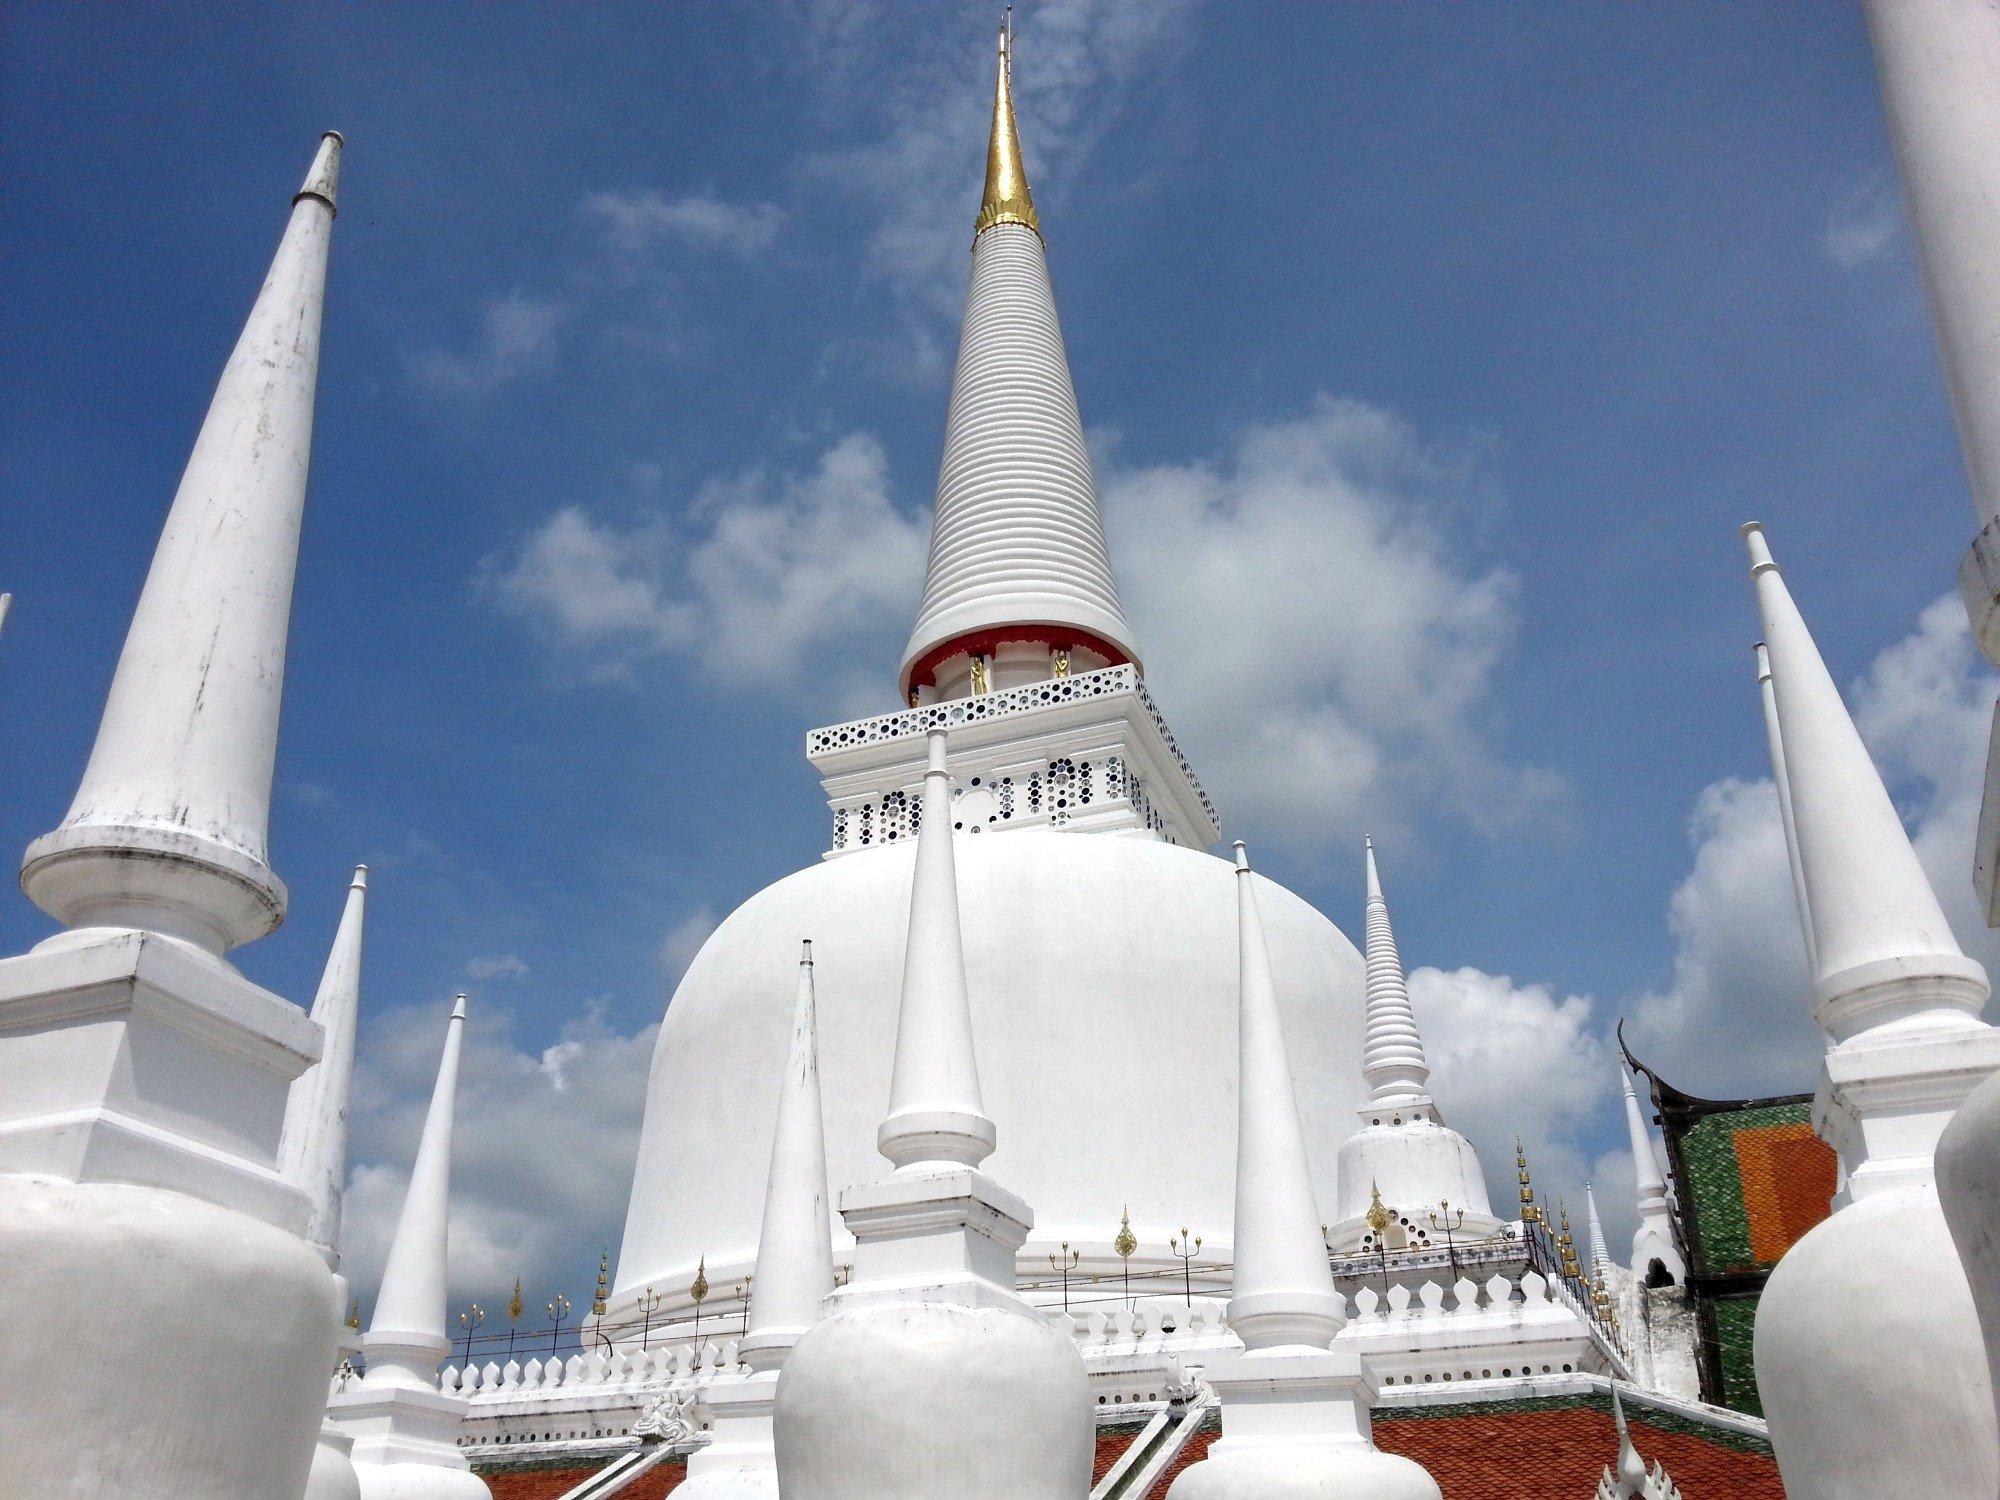 Phra Borommathat Chedi at Wat Phra Mahathat